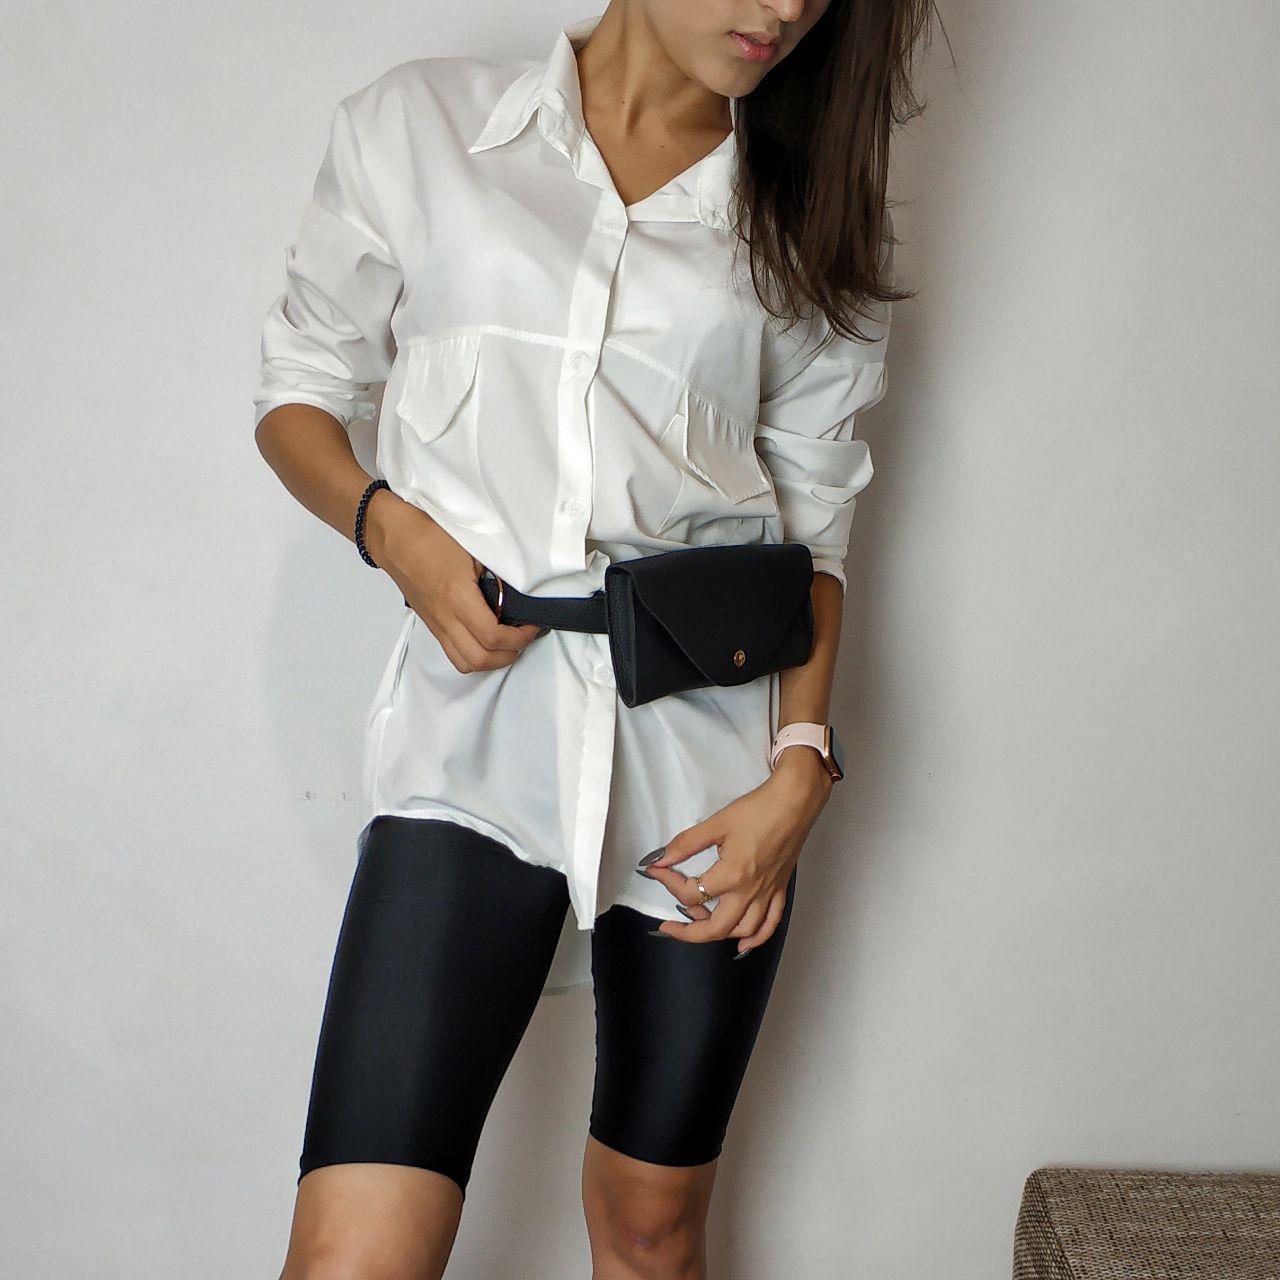 Рубашка белая  базовая  удлиненная оверсайз фото в  живую